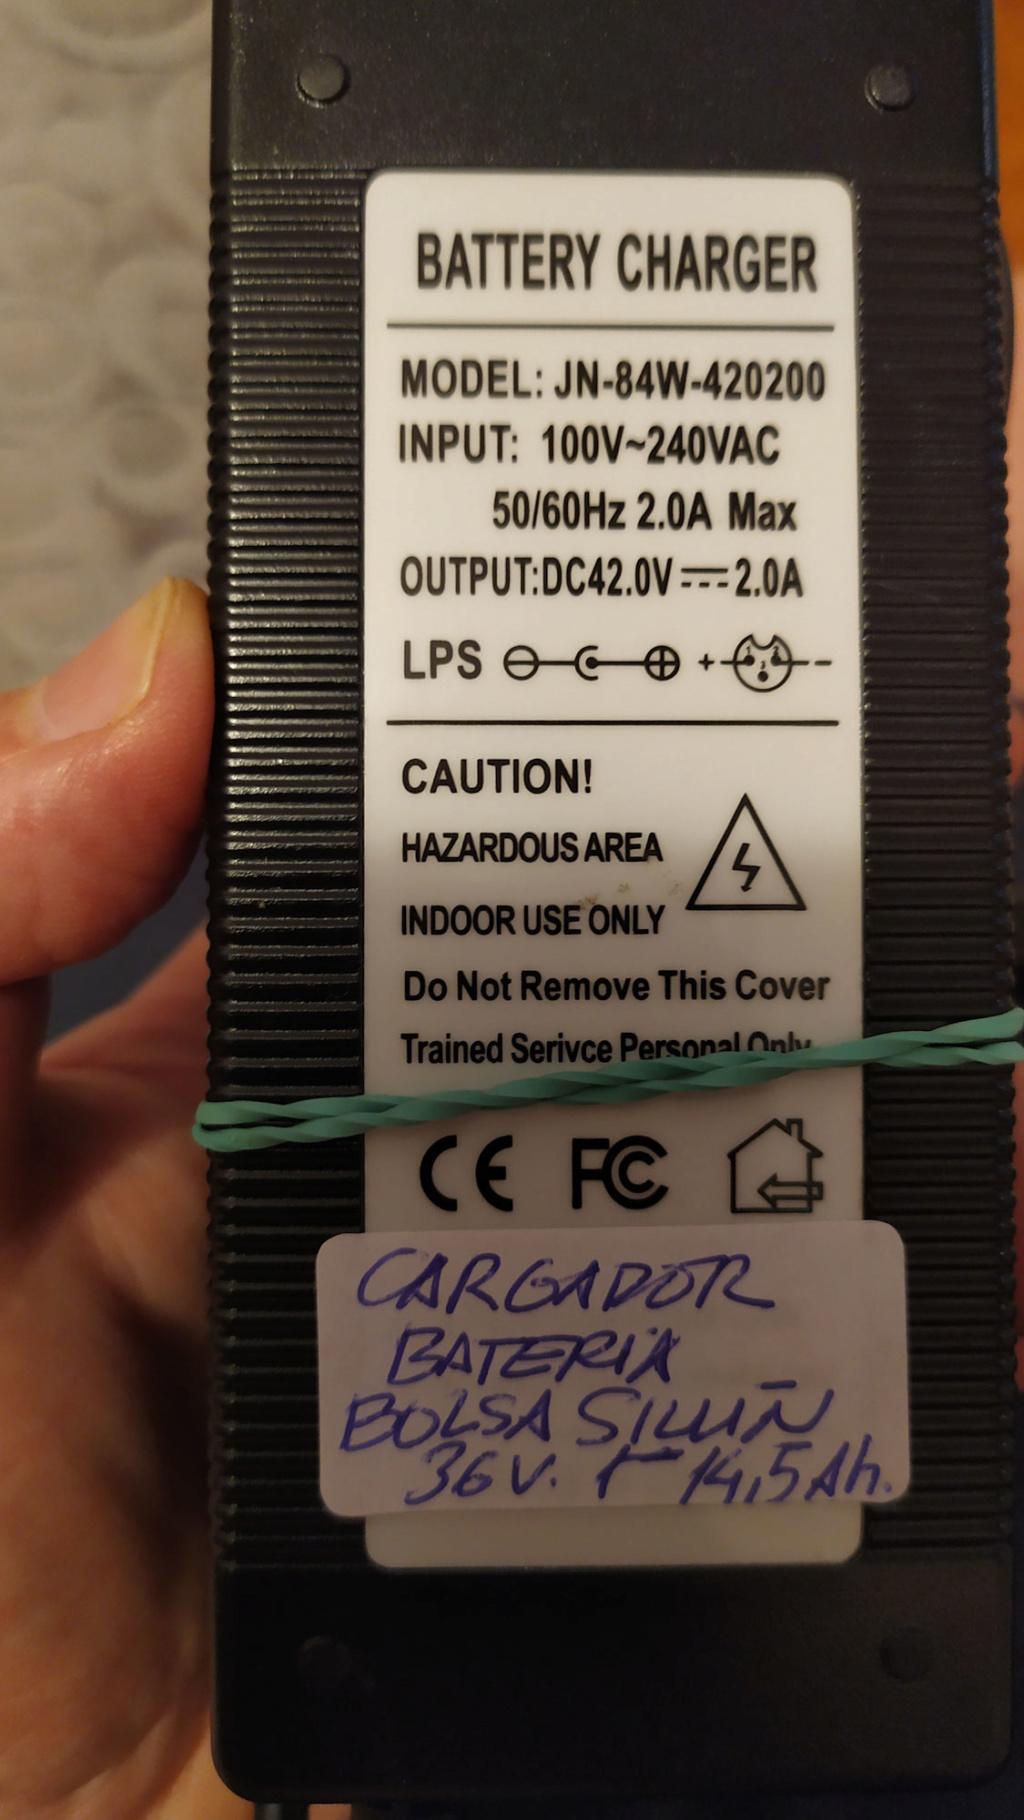 Vendo batería 36v 14,5Ah bolsa sillín 522 W/h Psx_2017